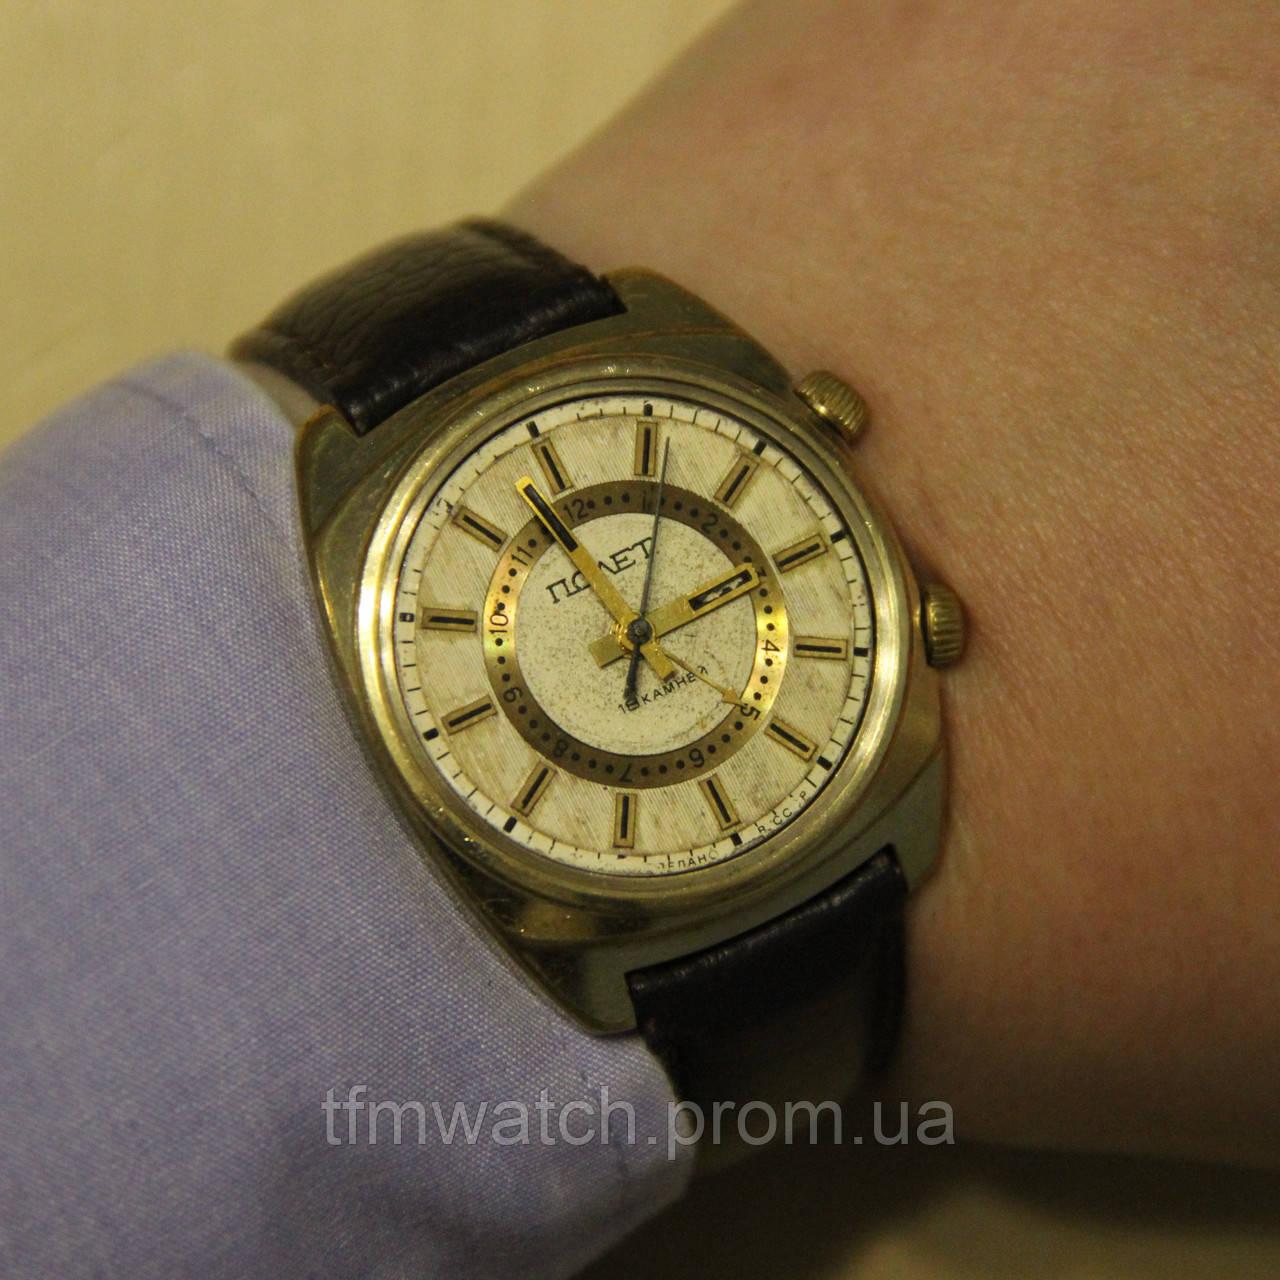 Полет продать наручные часы рбк стоимость часов